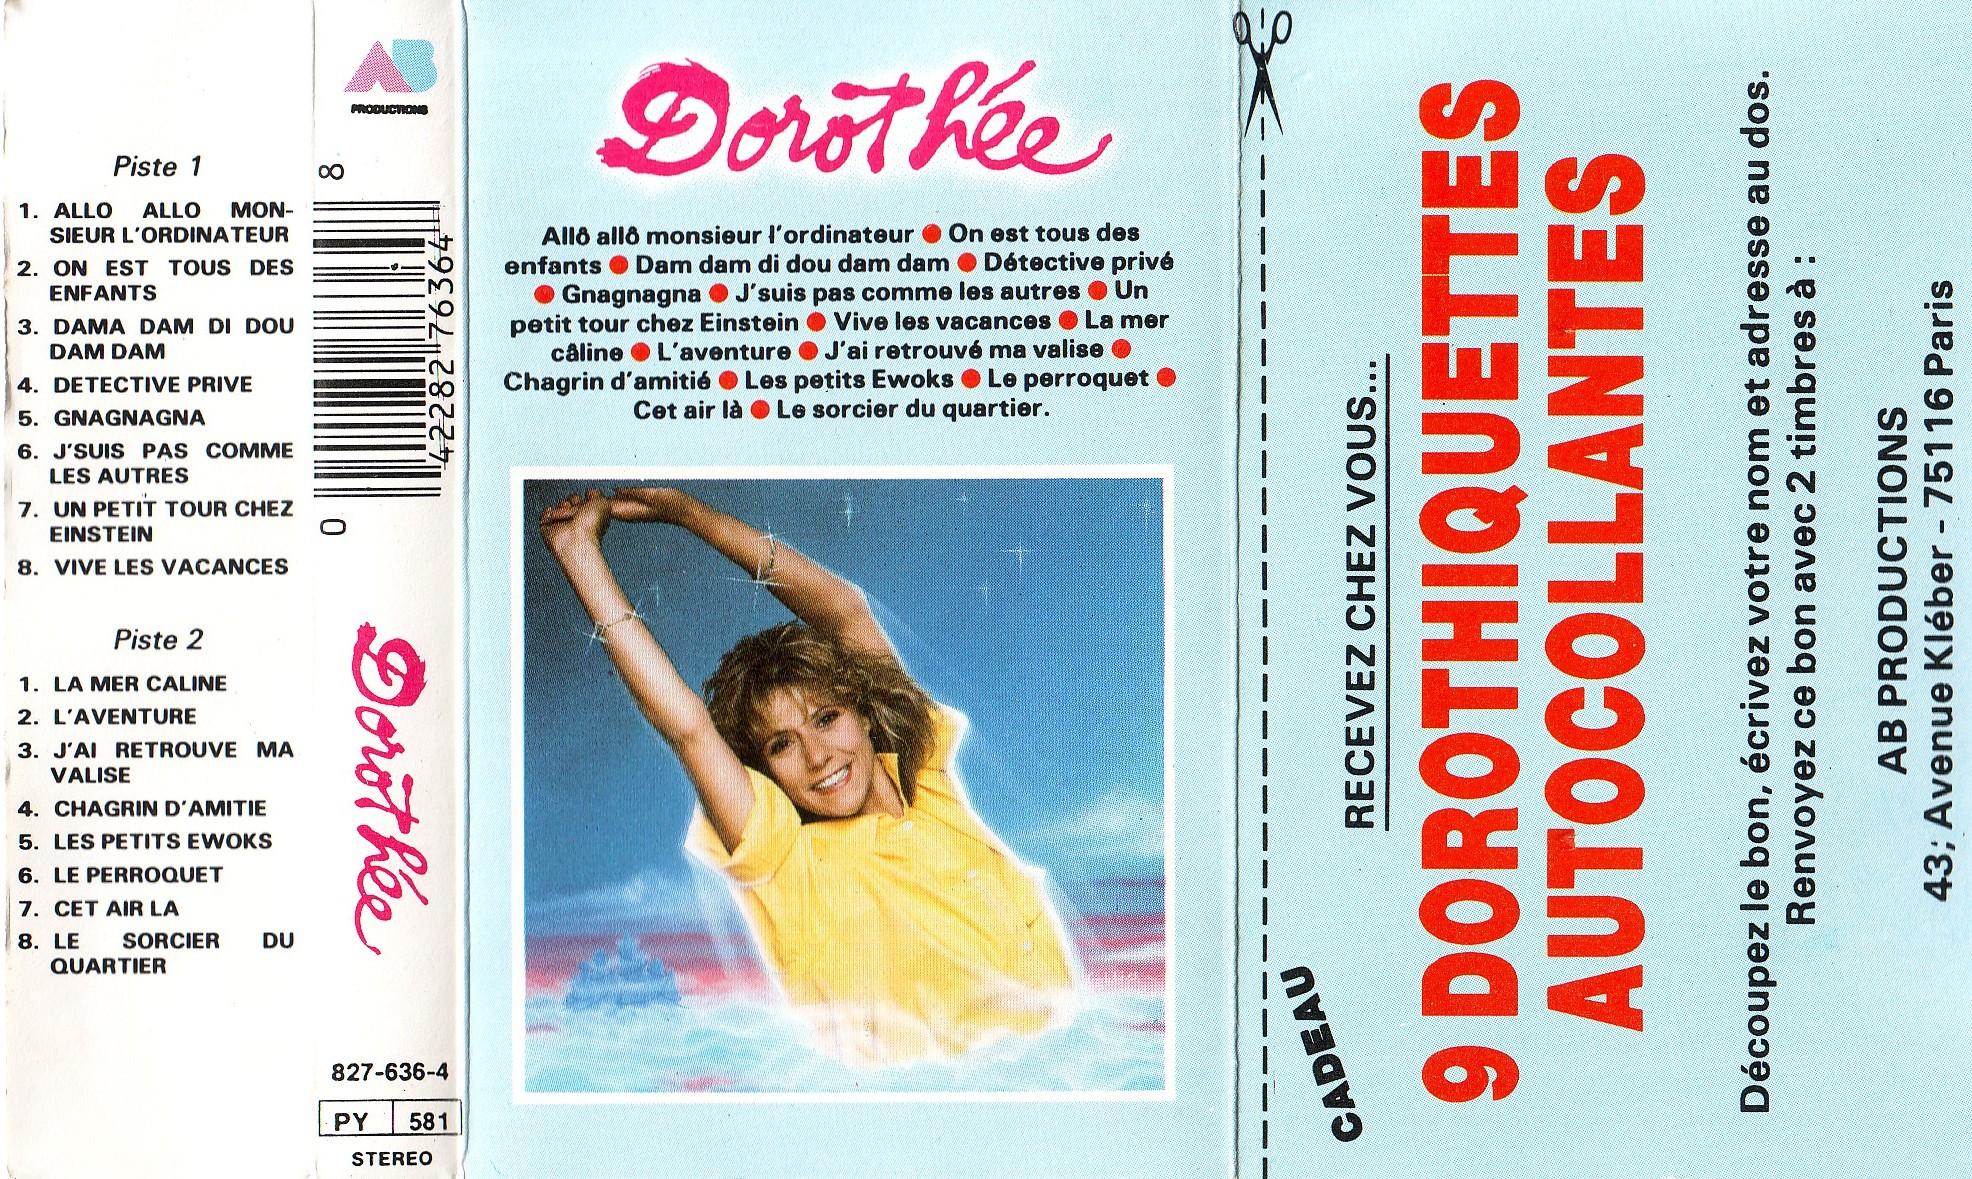 Dorothée et AB Productions (Récré A2 - Club Dorothée) Dorothiquetes